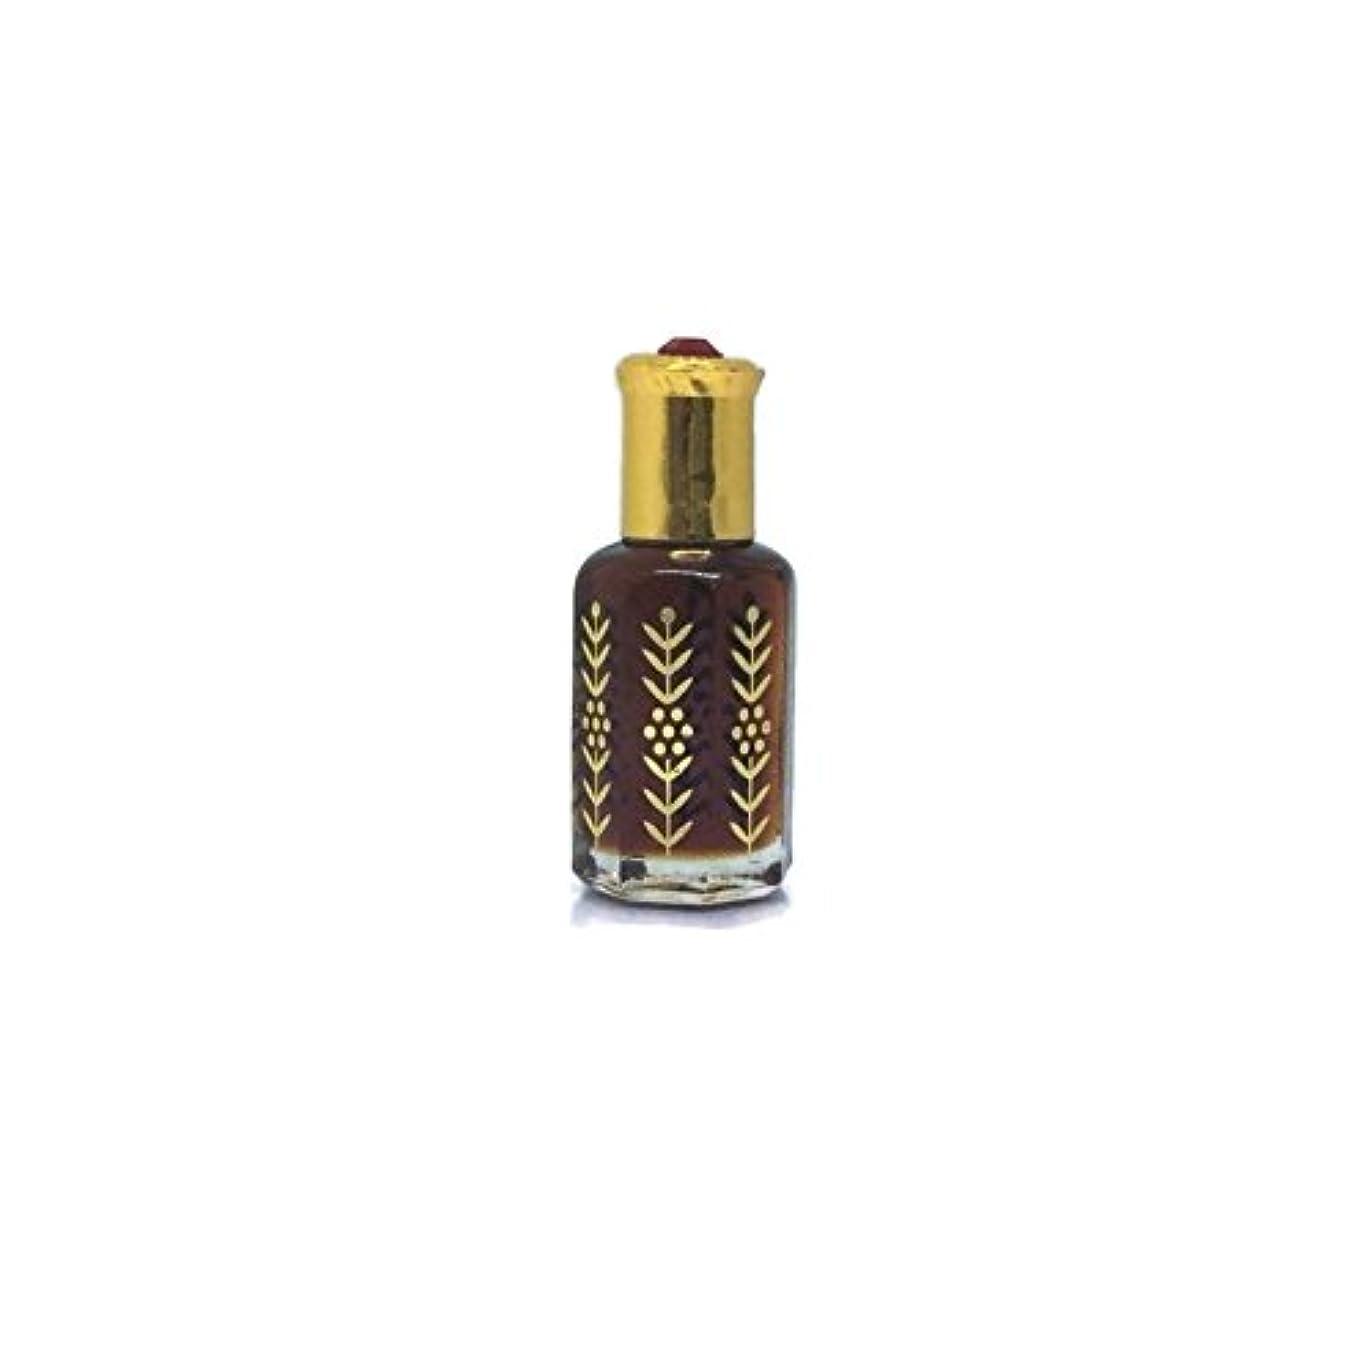 普遍的な防ぐ磁石カンボジアsayufee純正Cambodian /タイAgarwood Pure Oudh Rare Perfume Amira 3 ml ブラウン 6